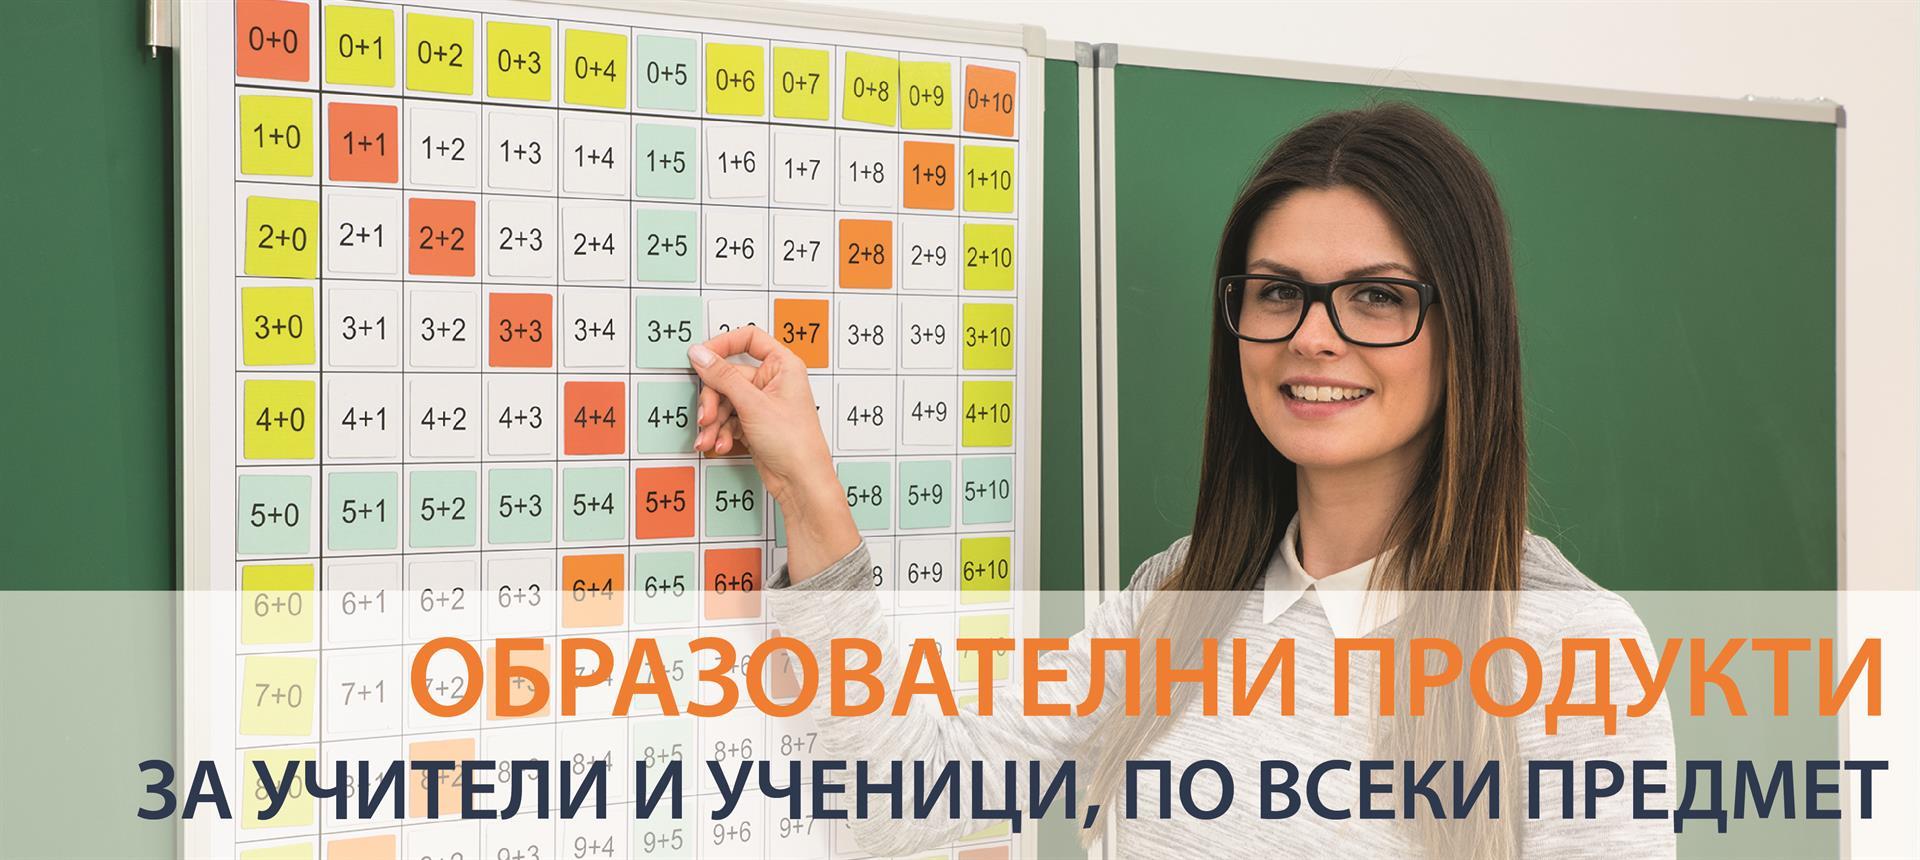 banner_OBRAZ-01.jpg